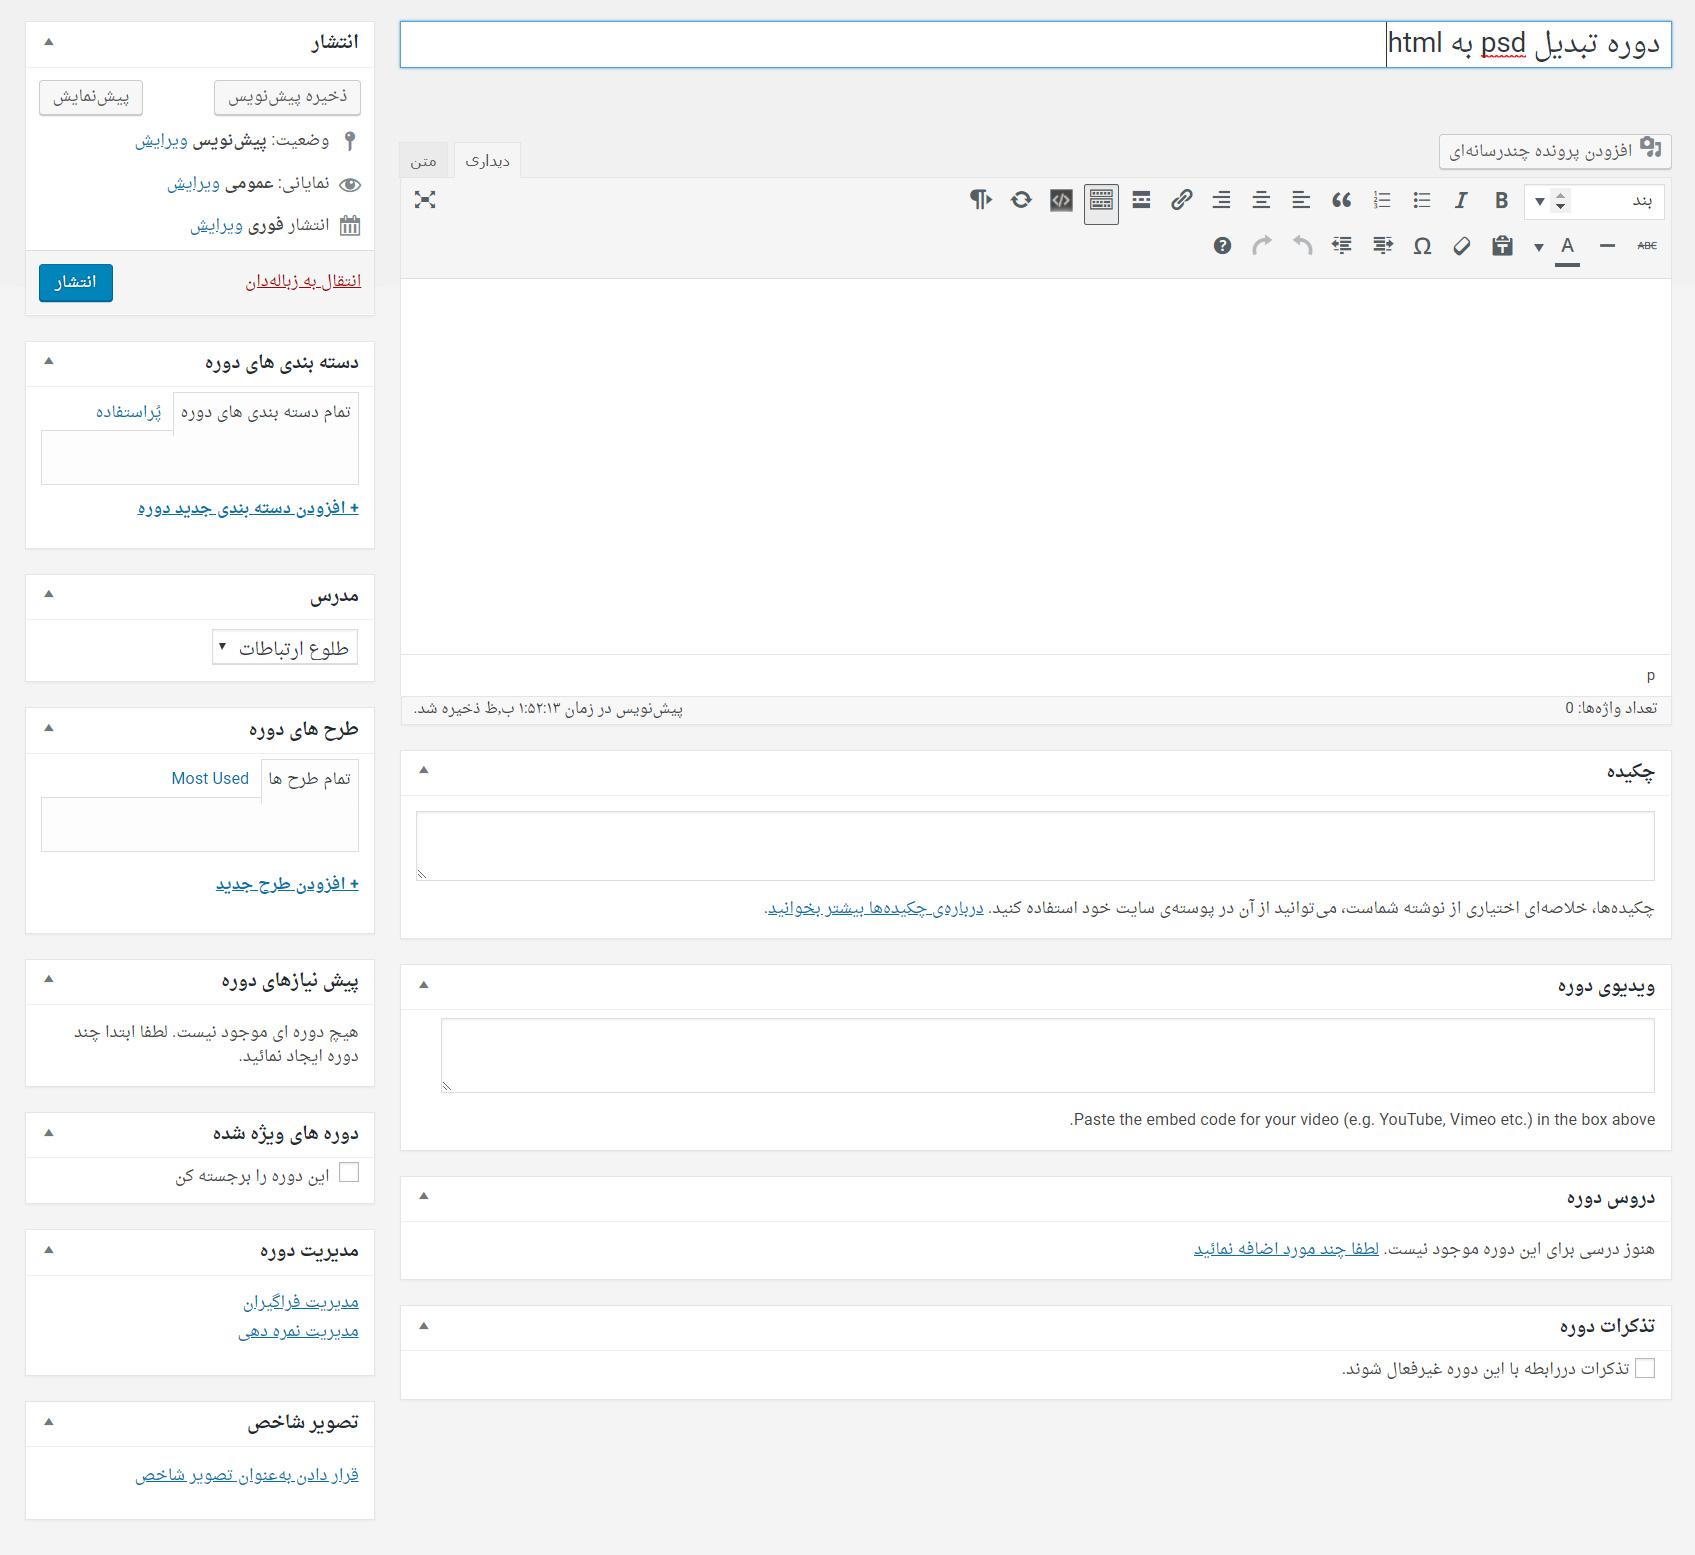 افزونه sensei فارسی- آموزش آنلاین - دوره ها